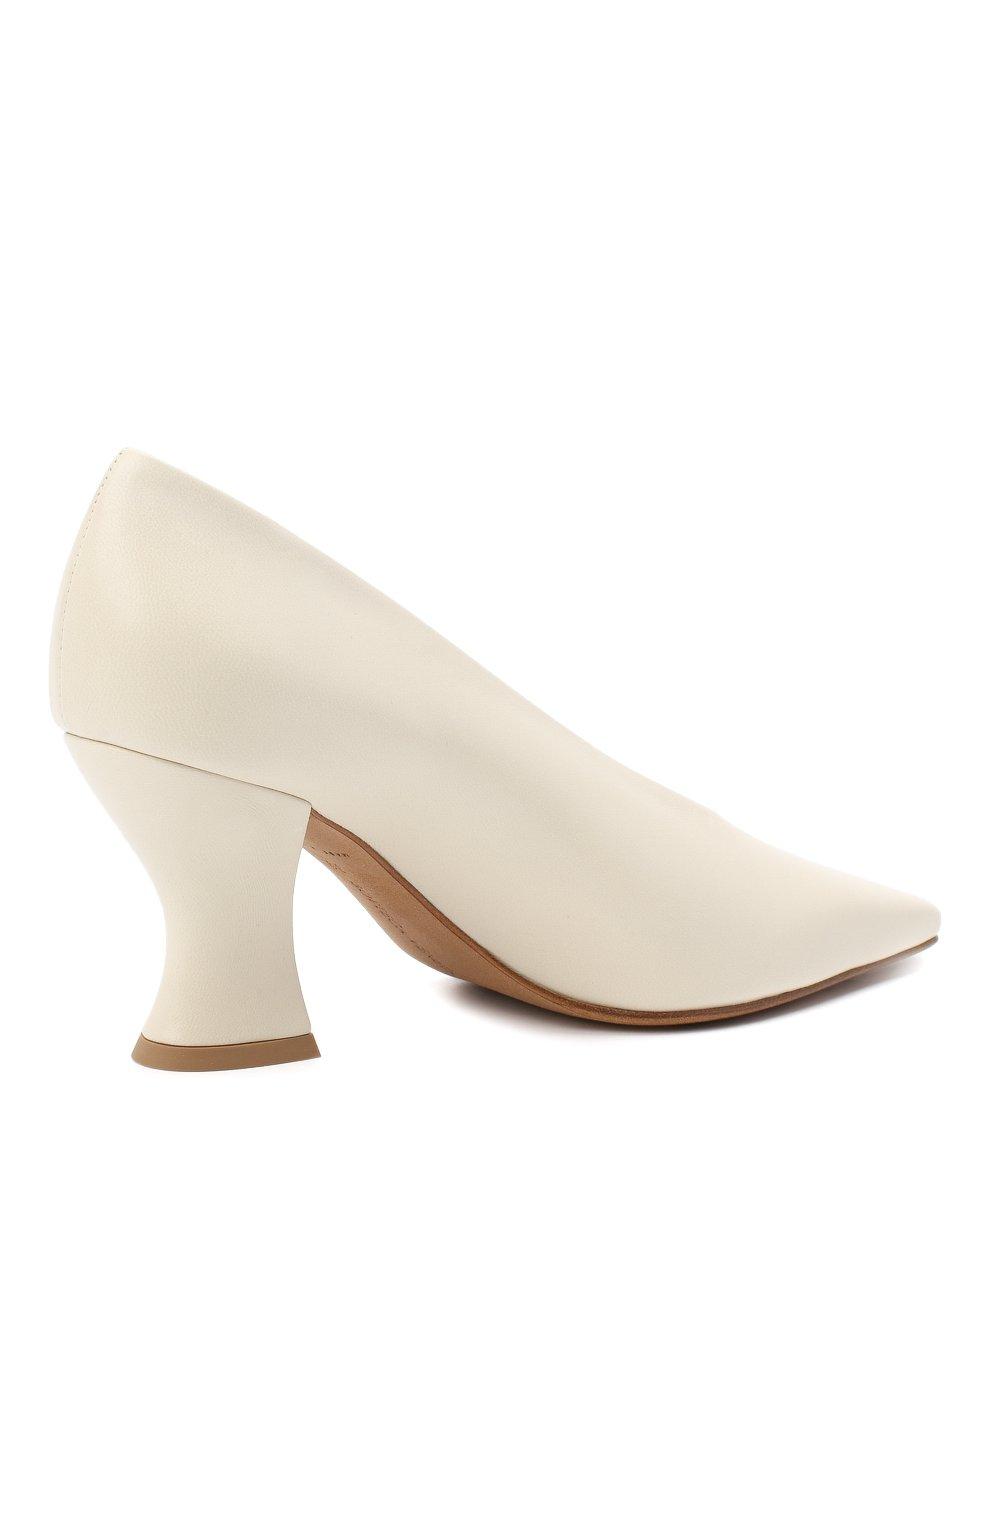 Женские кожаные туфли almond BOTTEGA VENETA кремвого цвета, арт. 608839/VBSD0 | Фото 4